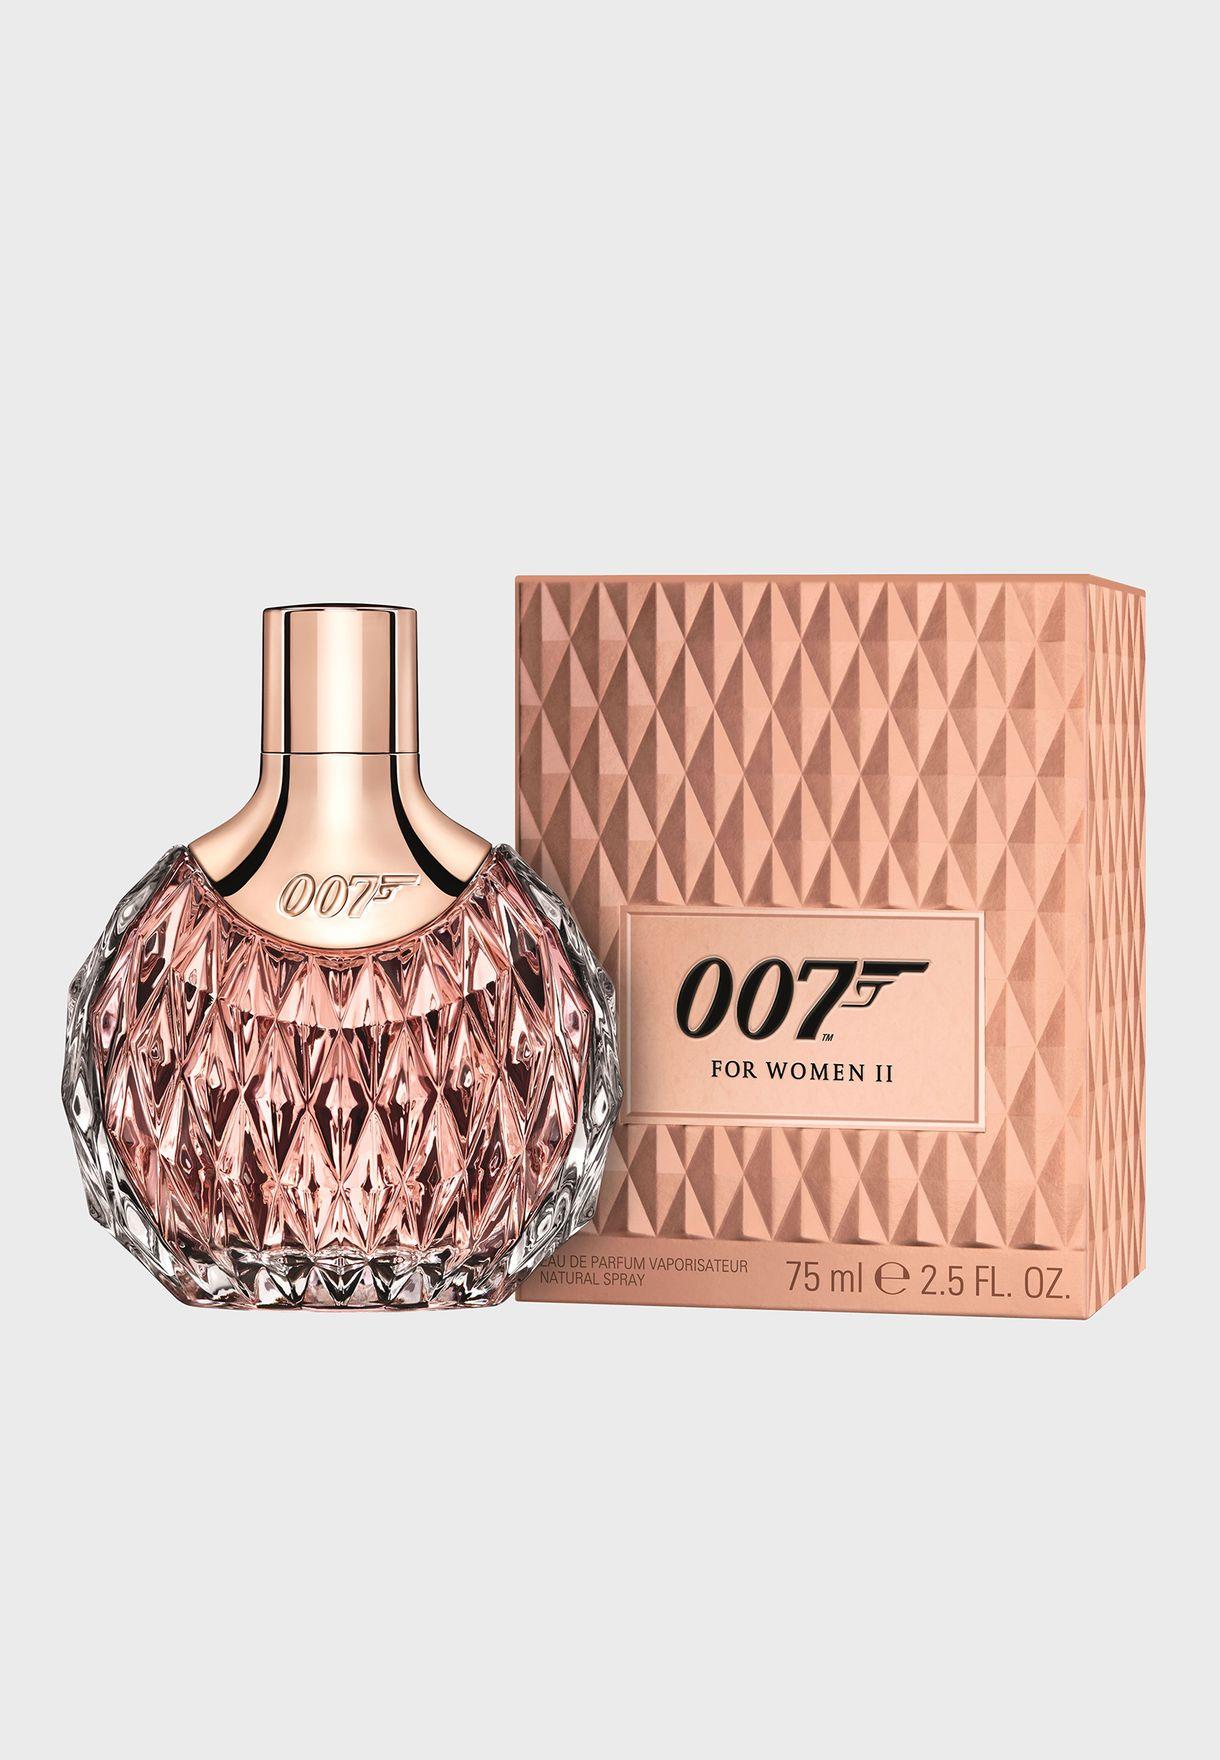 عطر 007 الثاني للنساء 75 مل (او دو بارفان)